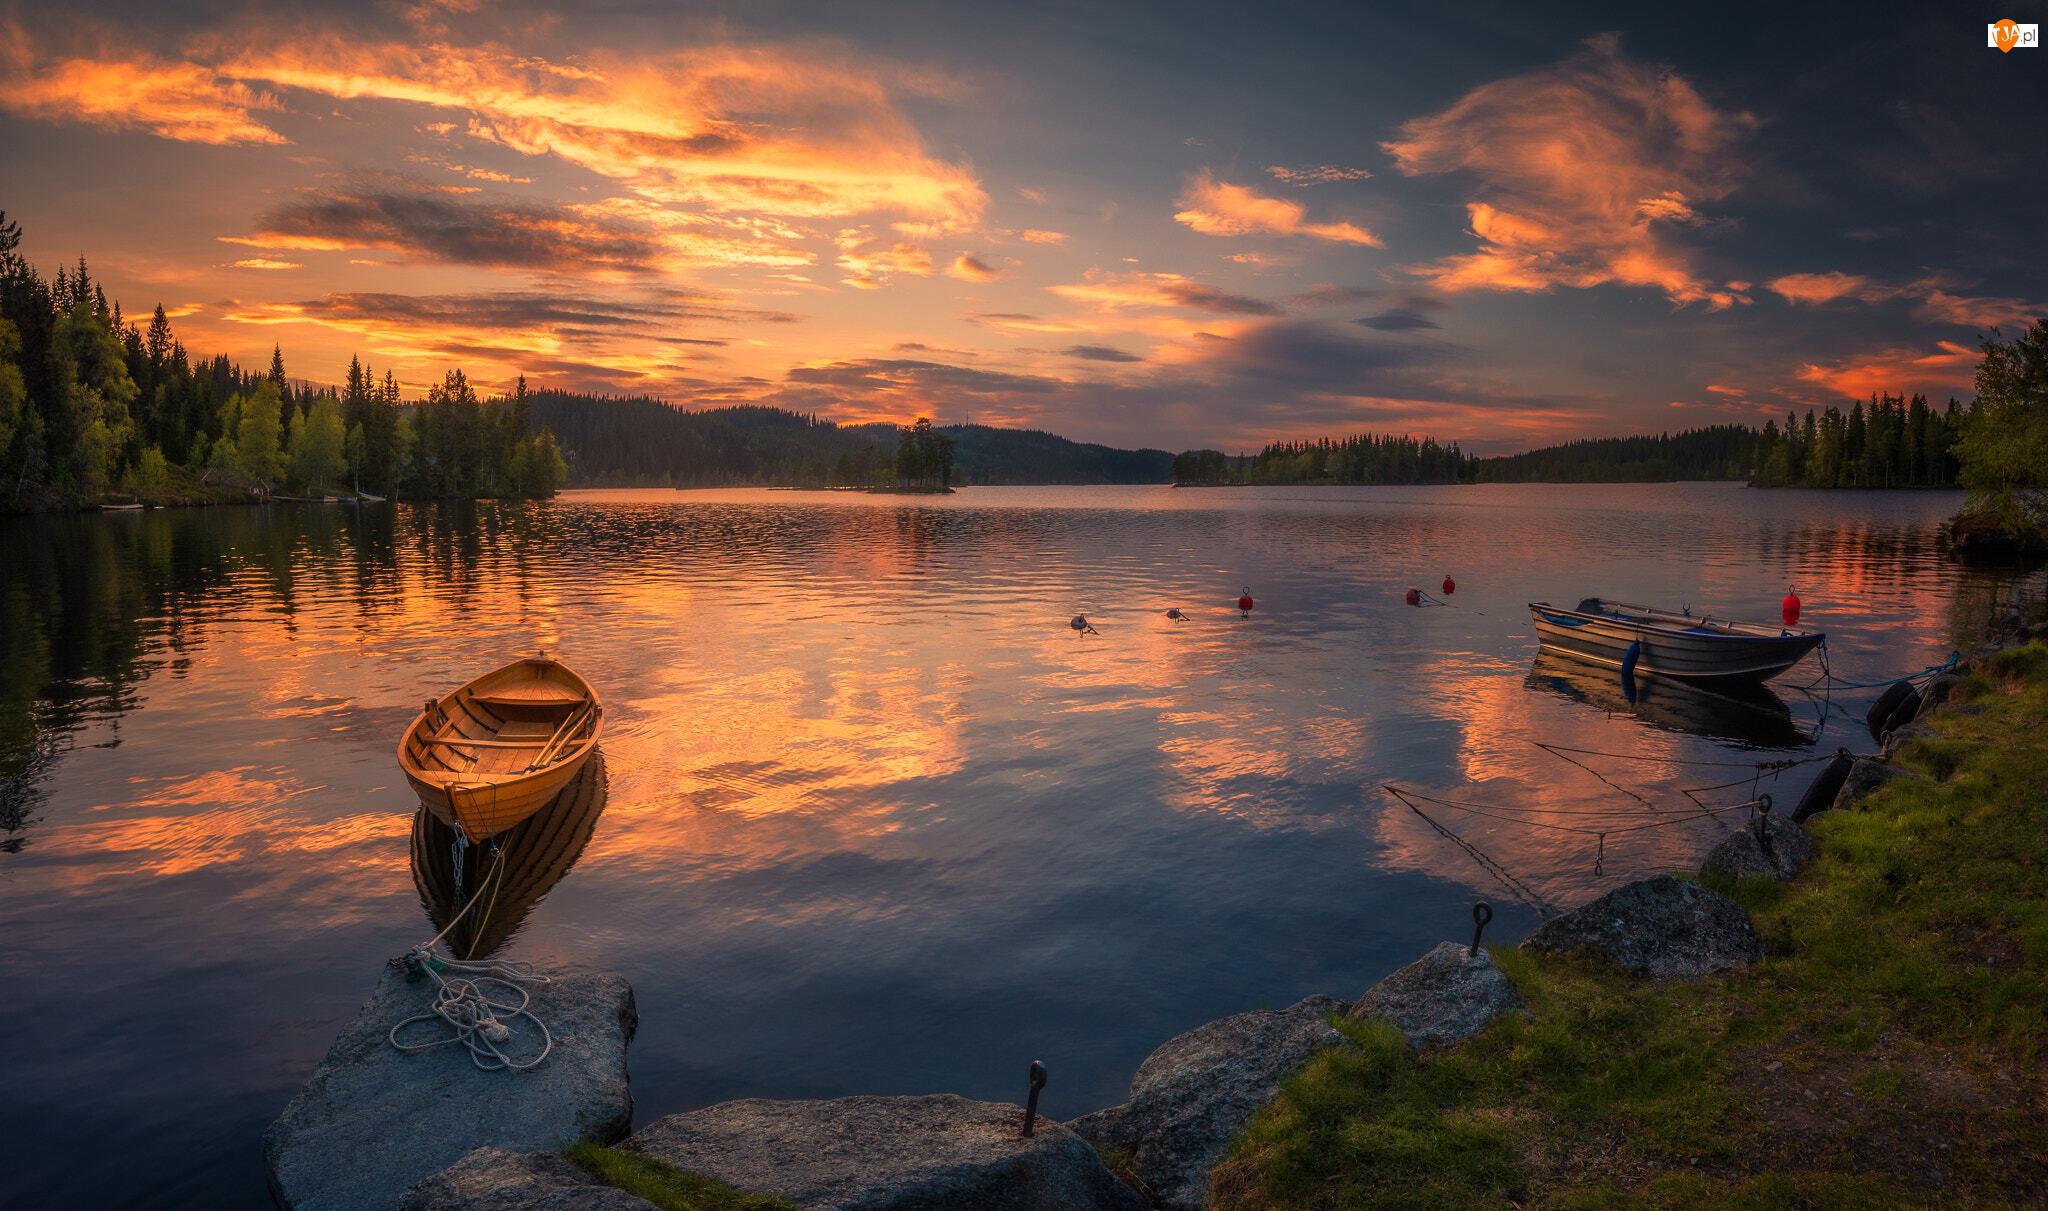 Drzewa, Norwegia, Łódki, Chmury, Ringerike, Brzeg, Zachód słońca, Jezioro